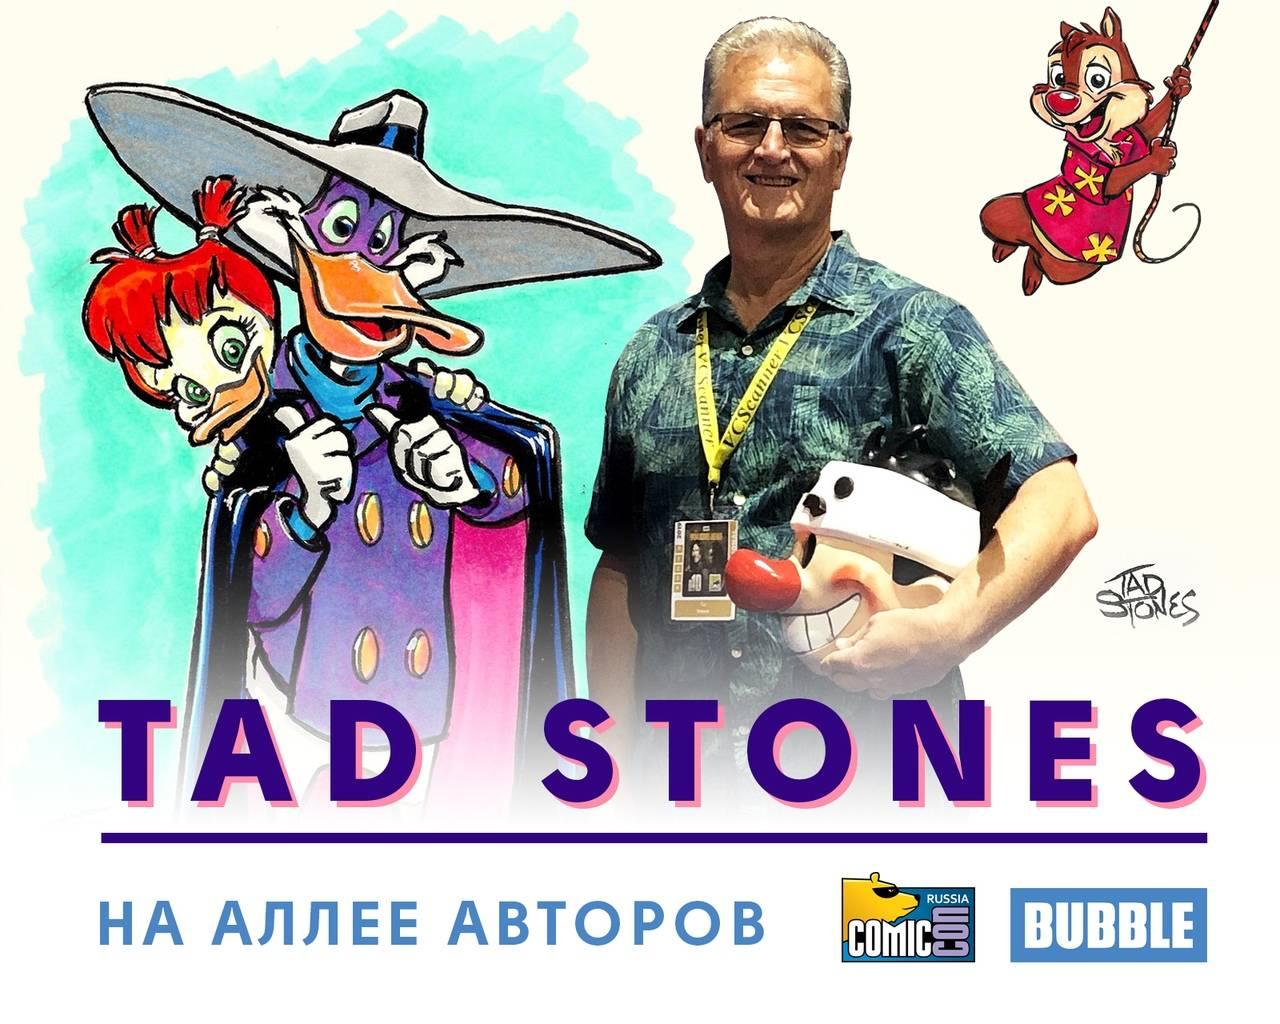 Организаторы Comic Con Russia привезут на фестиваль создателя «Чёрного плаща» и «Чип и Дейла»